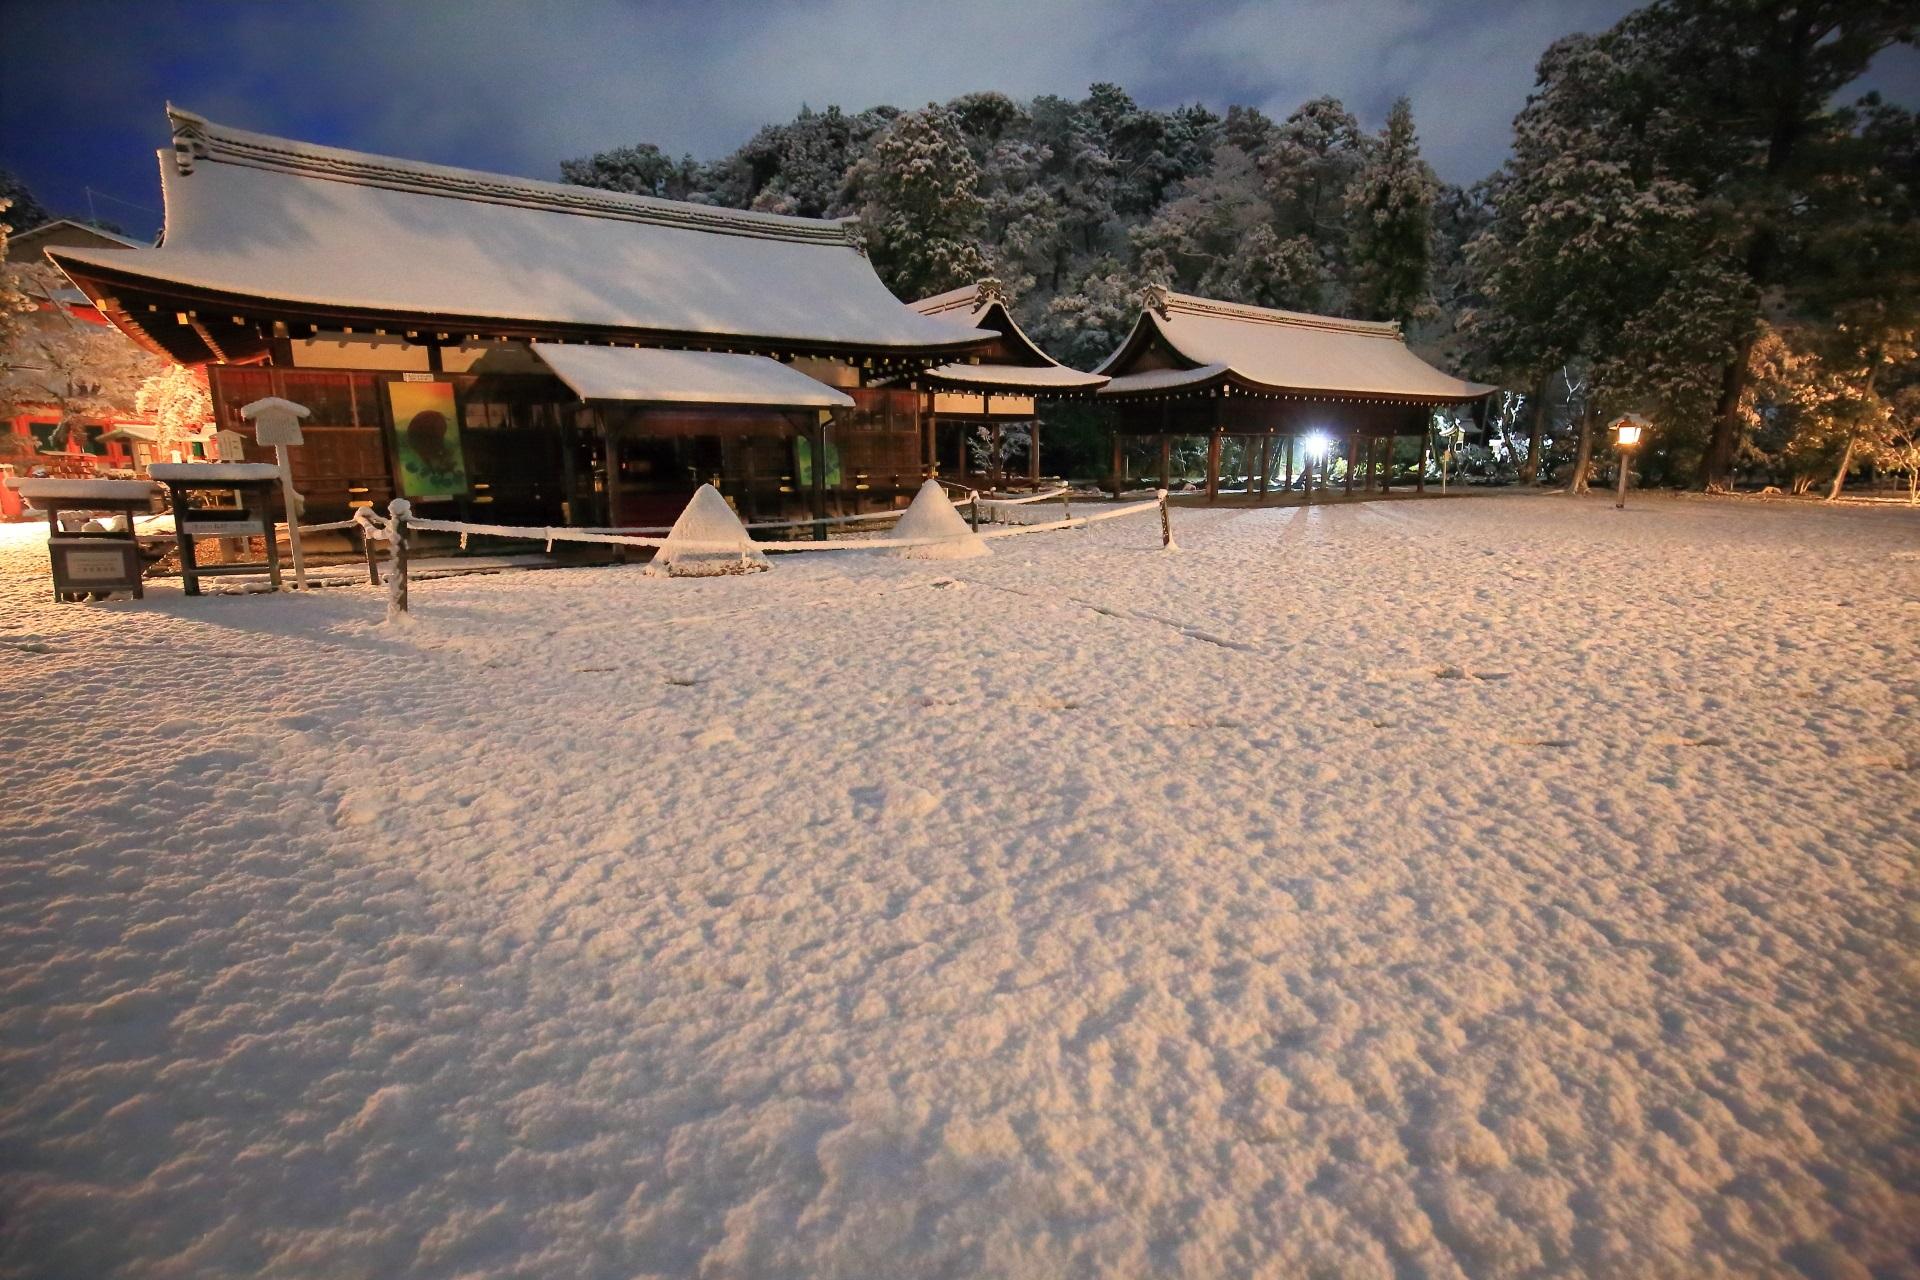 上賀茂神社の夜明け前の細殿(拝殿)と土舎の雪景色